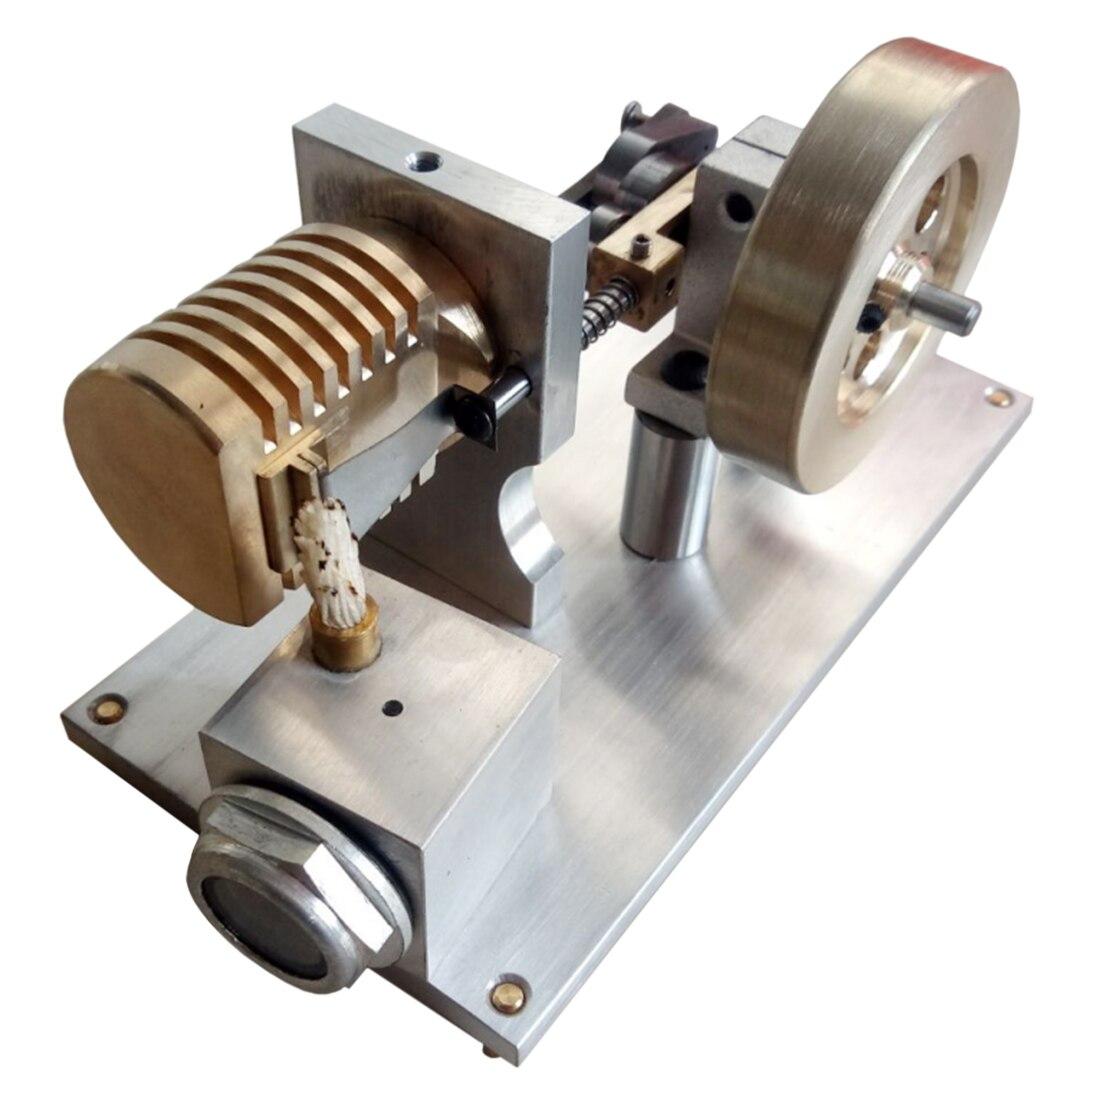 Typ ssania z pojedynczym cylindrem w całości z metalu Sterling Model silnika zabawki dla rozwoju inteligencji Model silnika nauka edukacja zabawki w Zestawy modelarskie od Zabawki i hobby na  Grupa 1